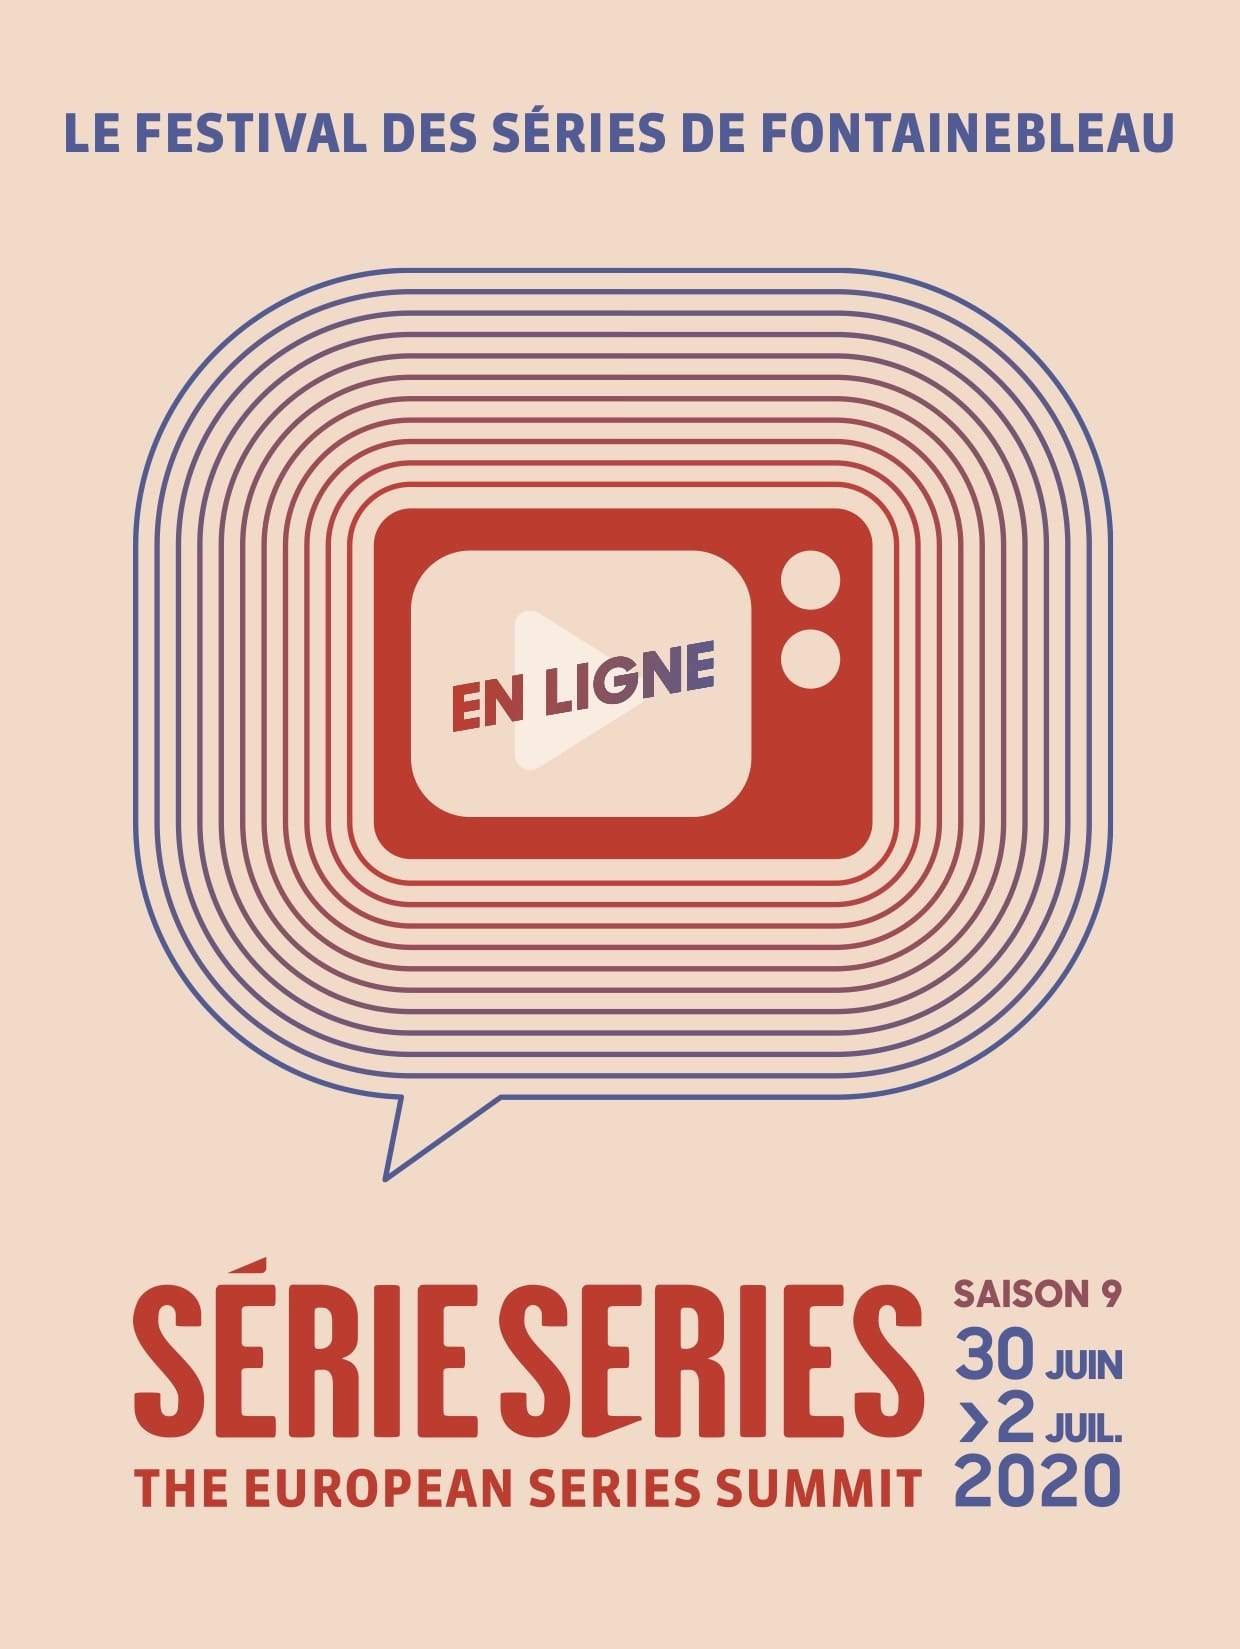 Série Series 2020 affiche festival